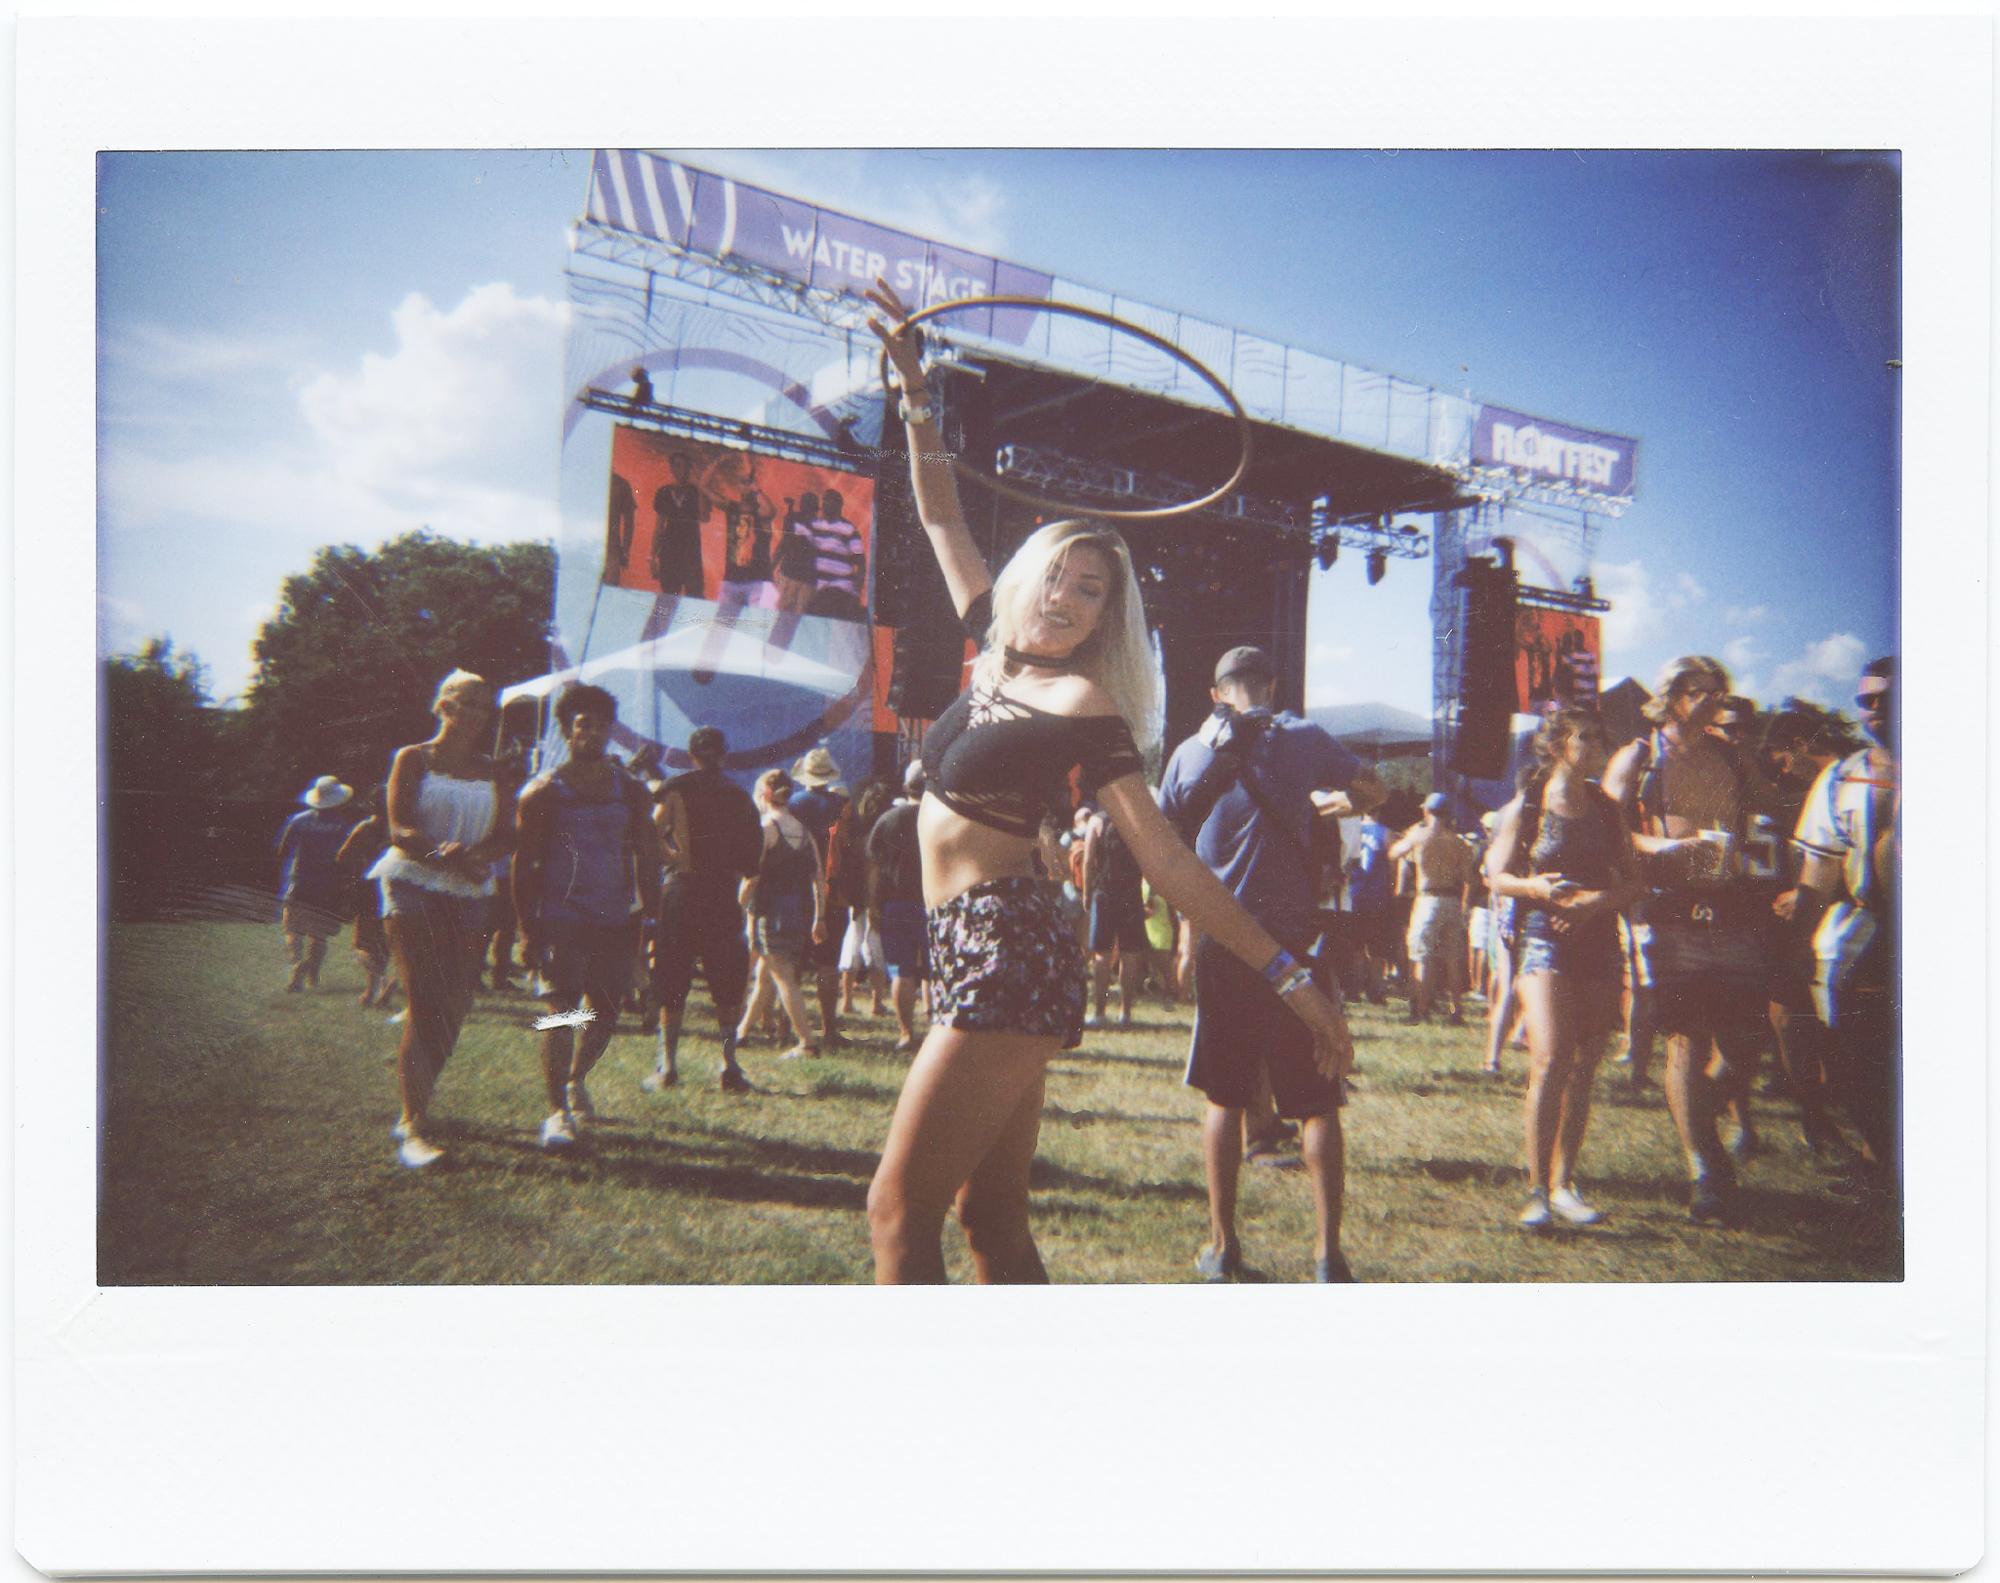 FloatFest17-PhotoByKatrinaBarber-4.jpg